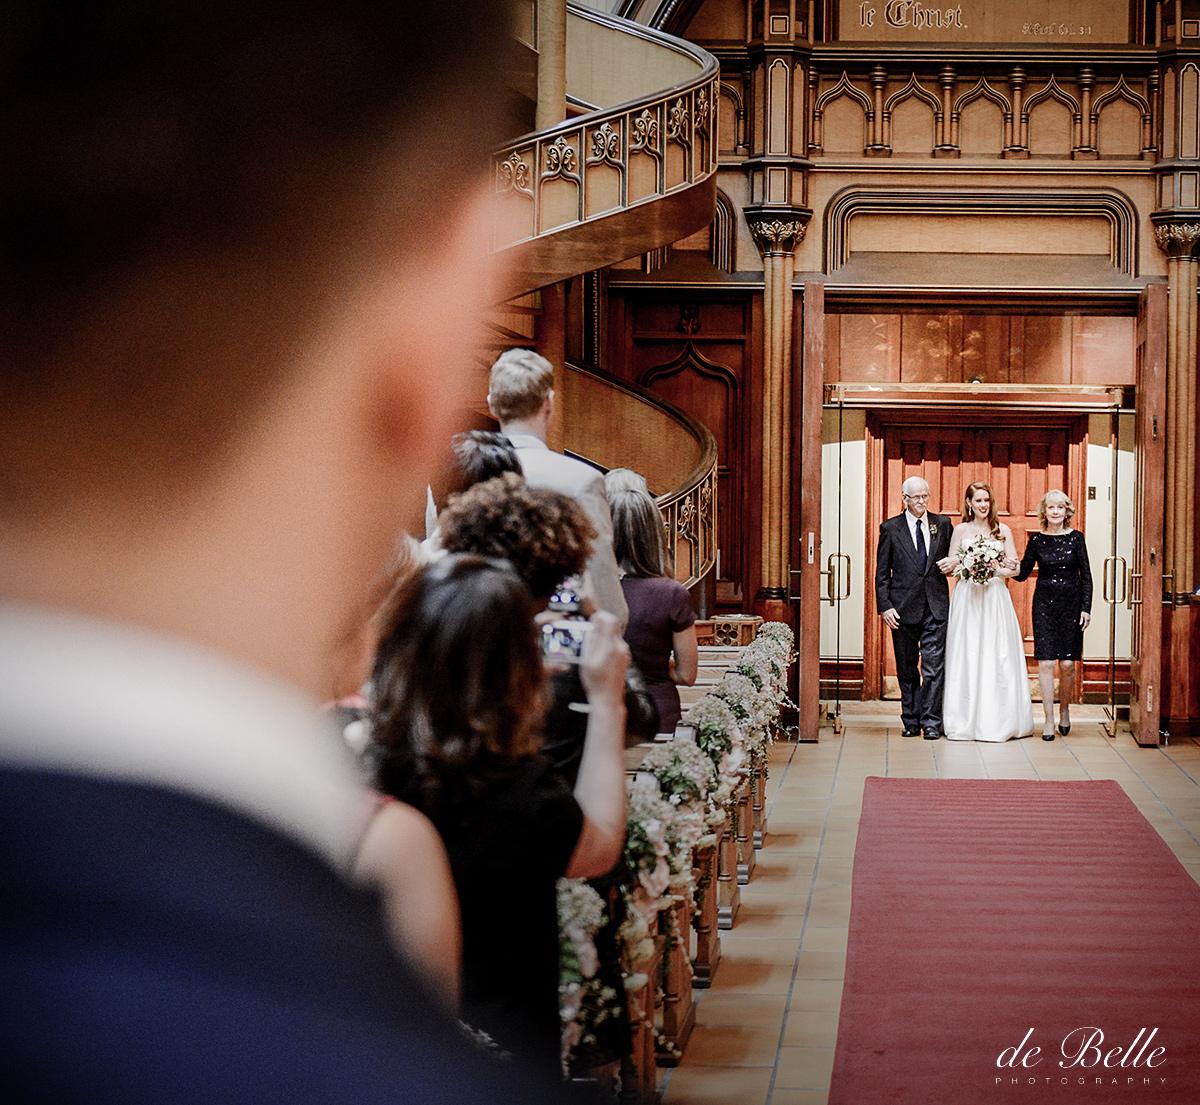 wedding_montreal_debellephotography_06